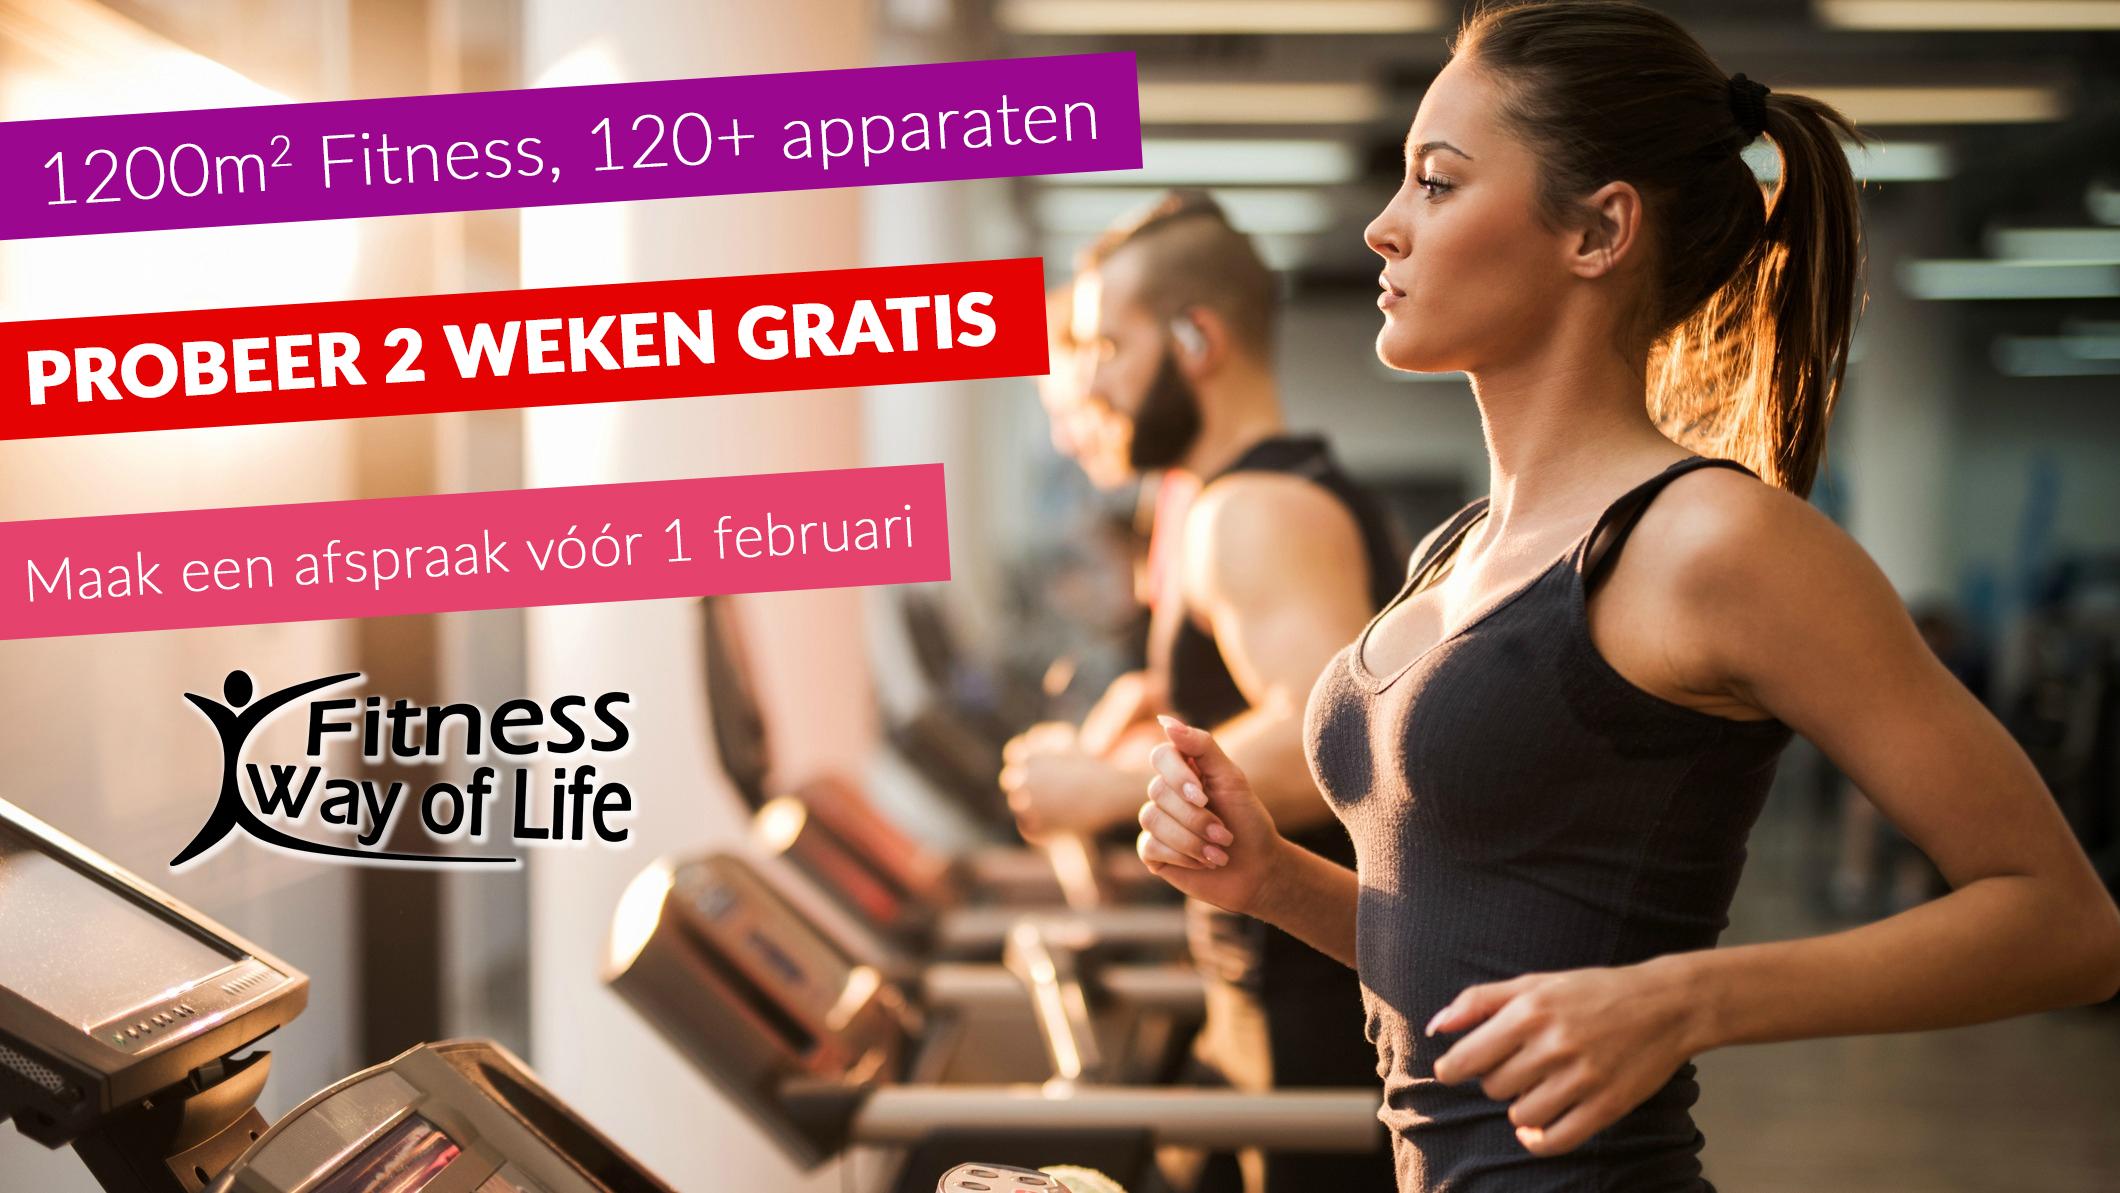 Fitness 2 weken gratis uitproberen